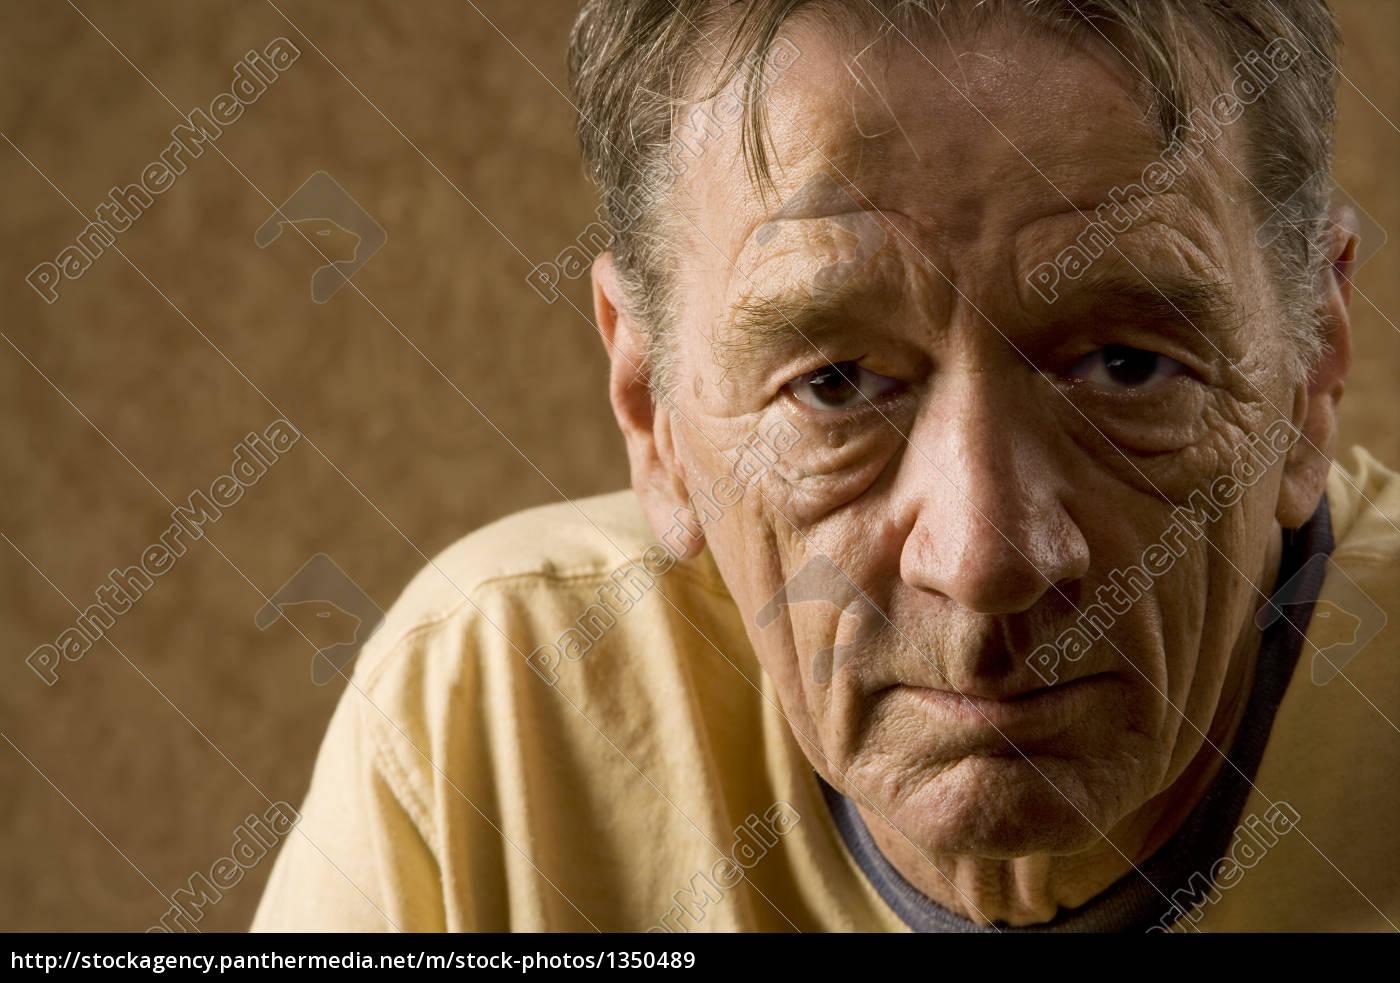 senior, man - 1350489